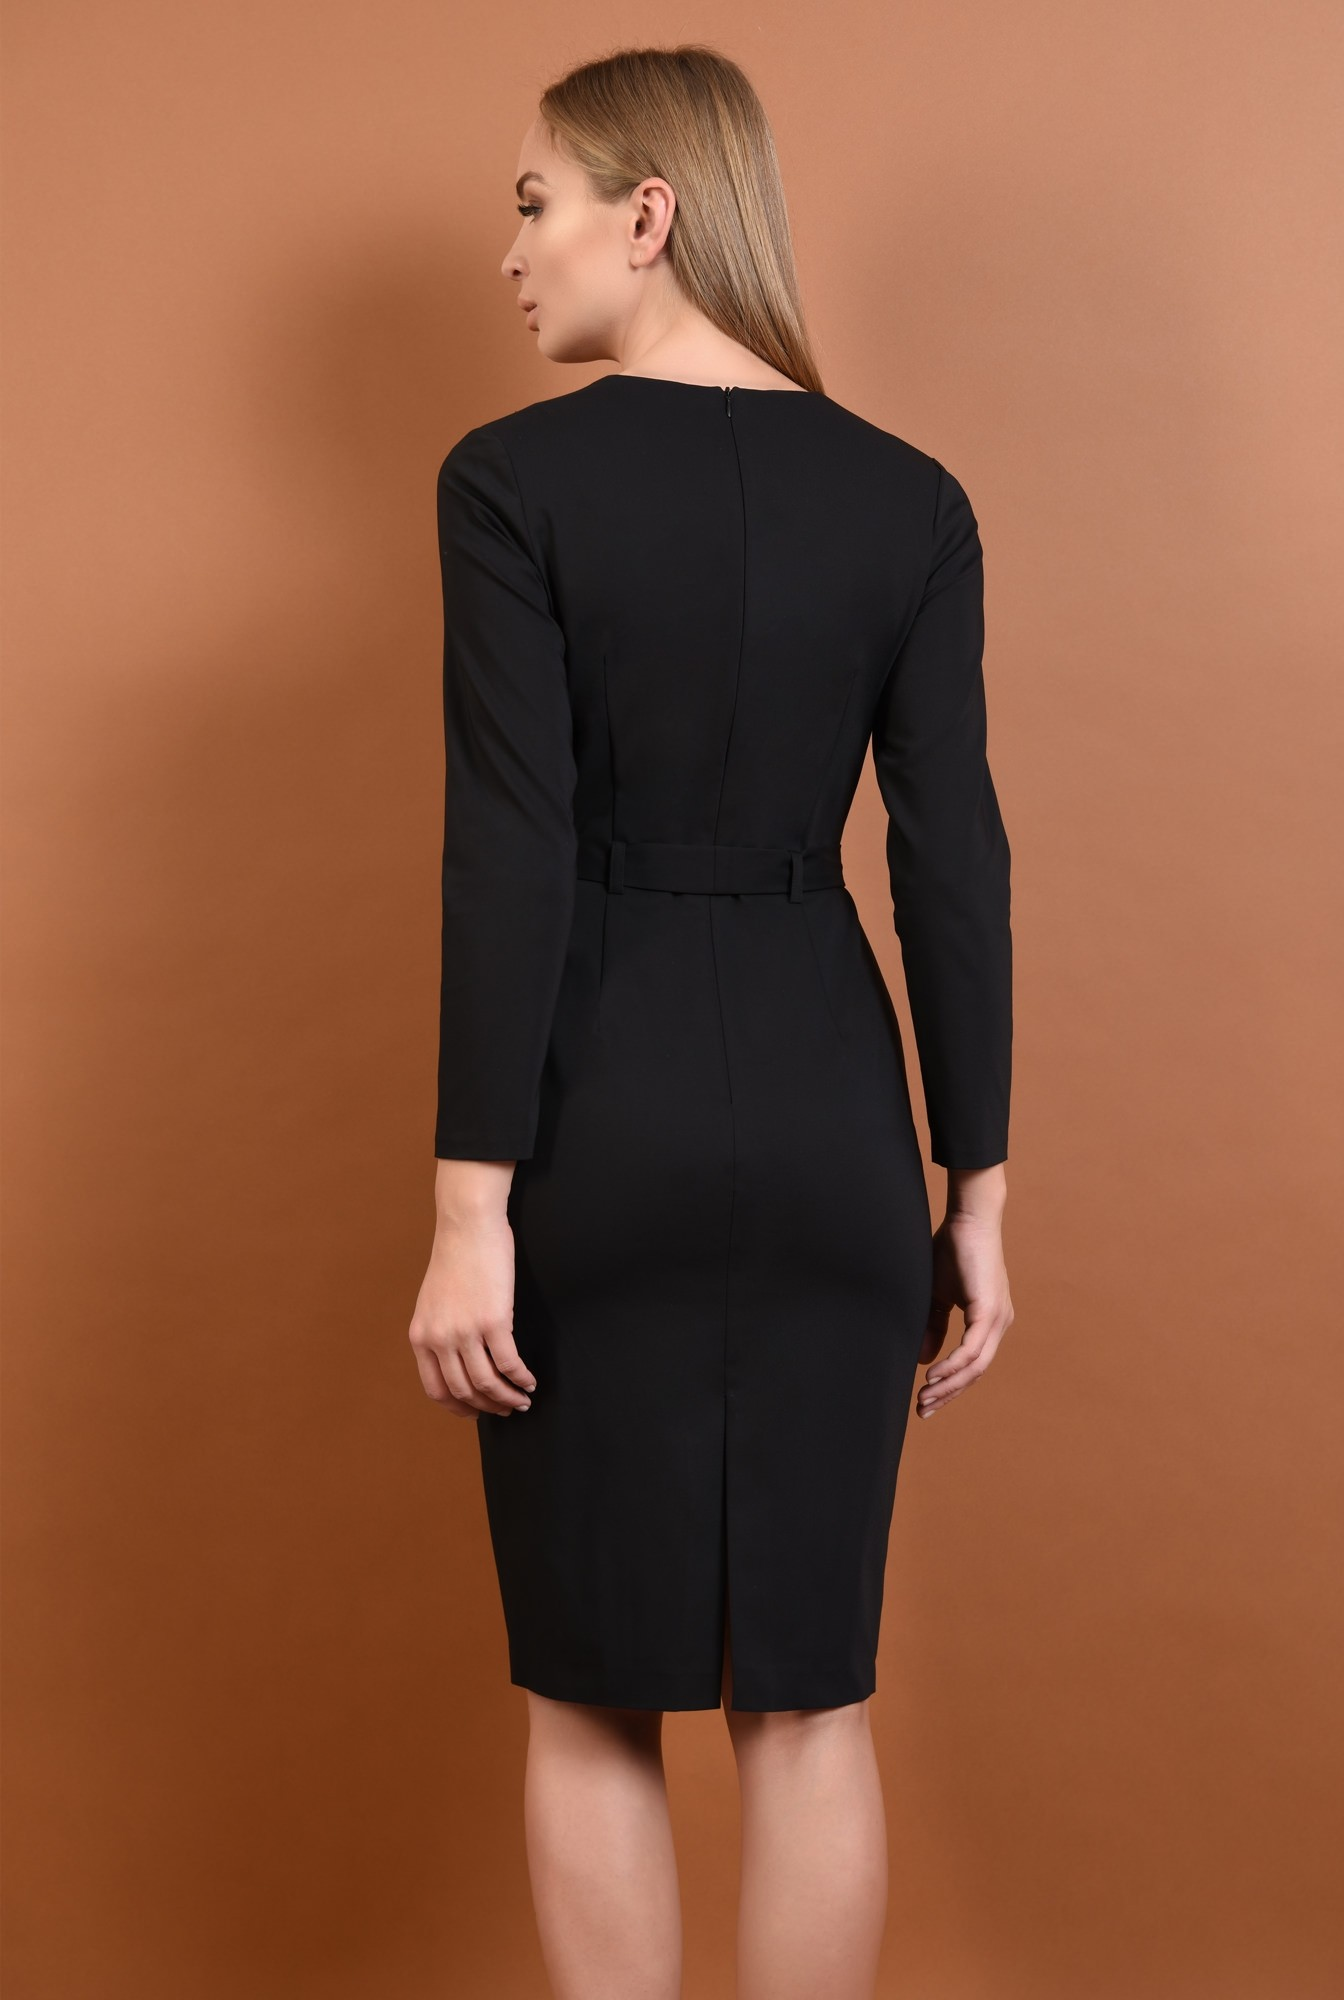 1 - 360 - rochie neagra, casual, rochii online, croi conic, cordon, funda